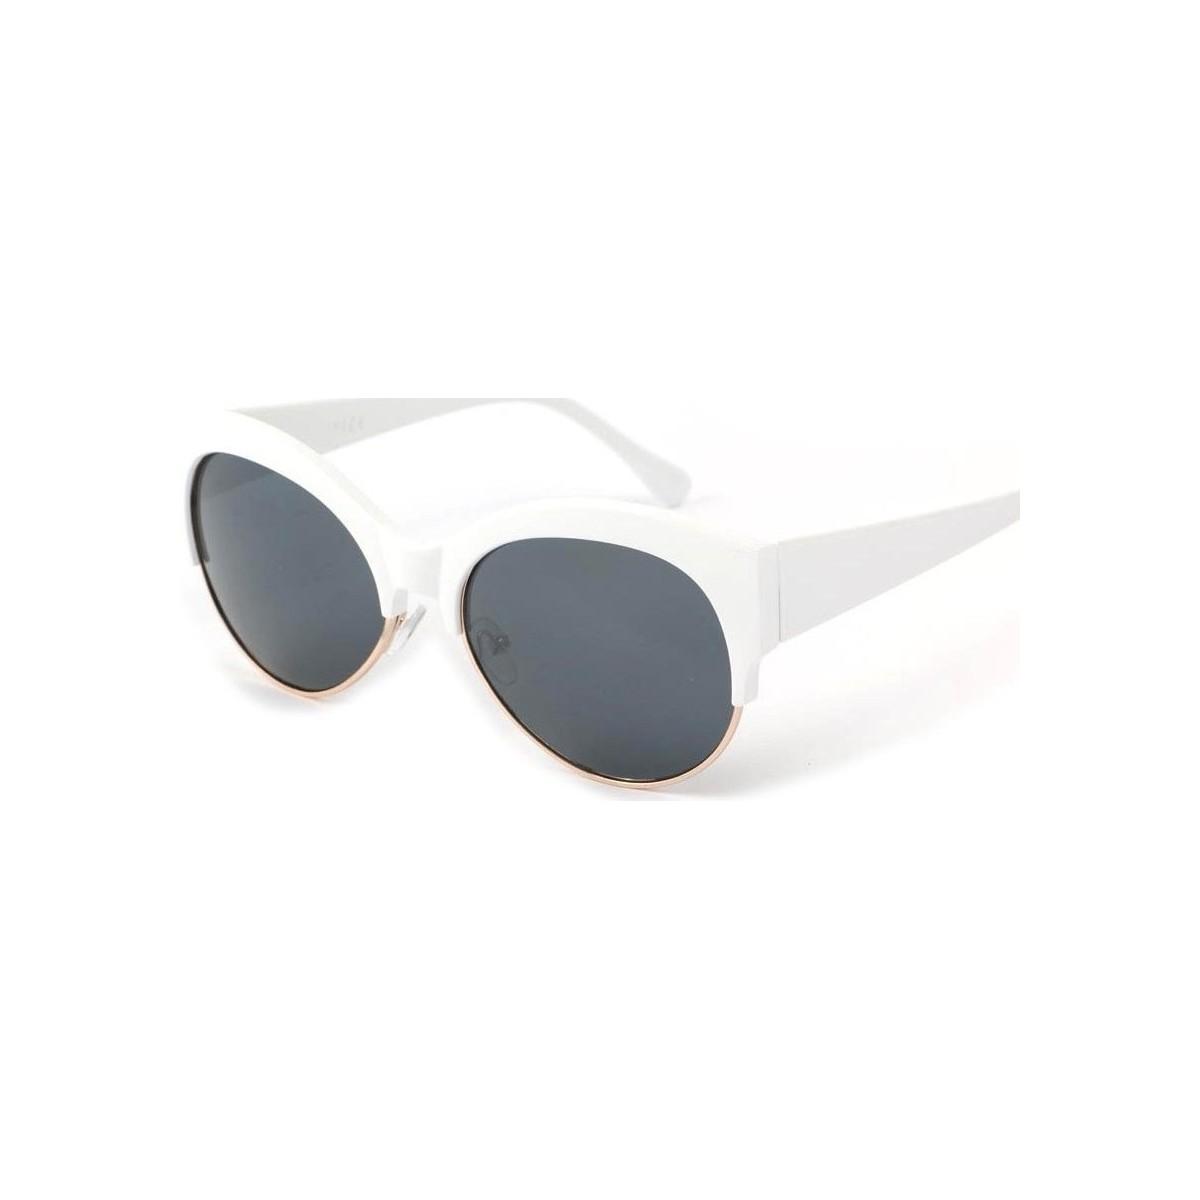 Eye Wear Lunettes Soleil Icare avec monture blanche Blanc